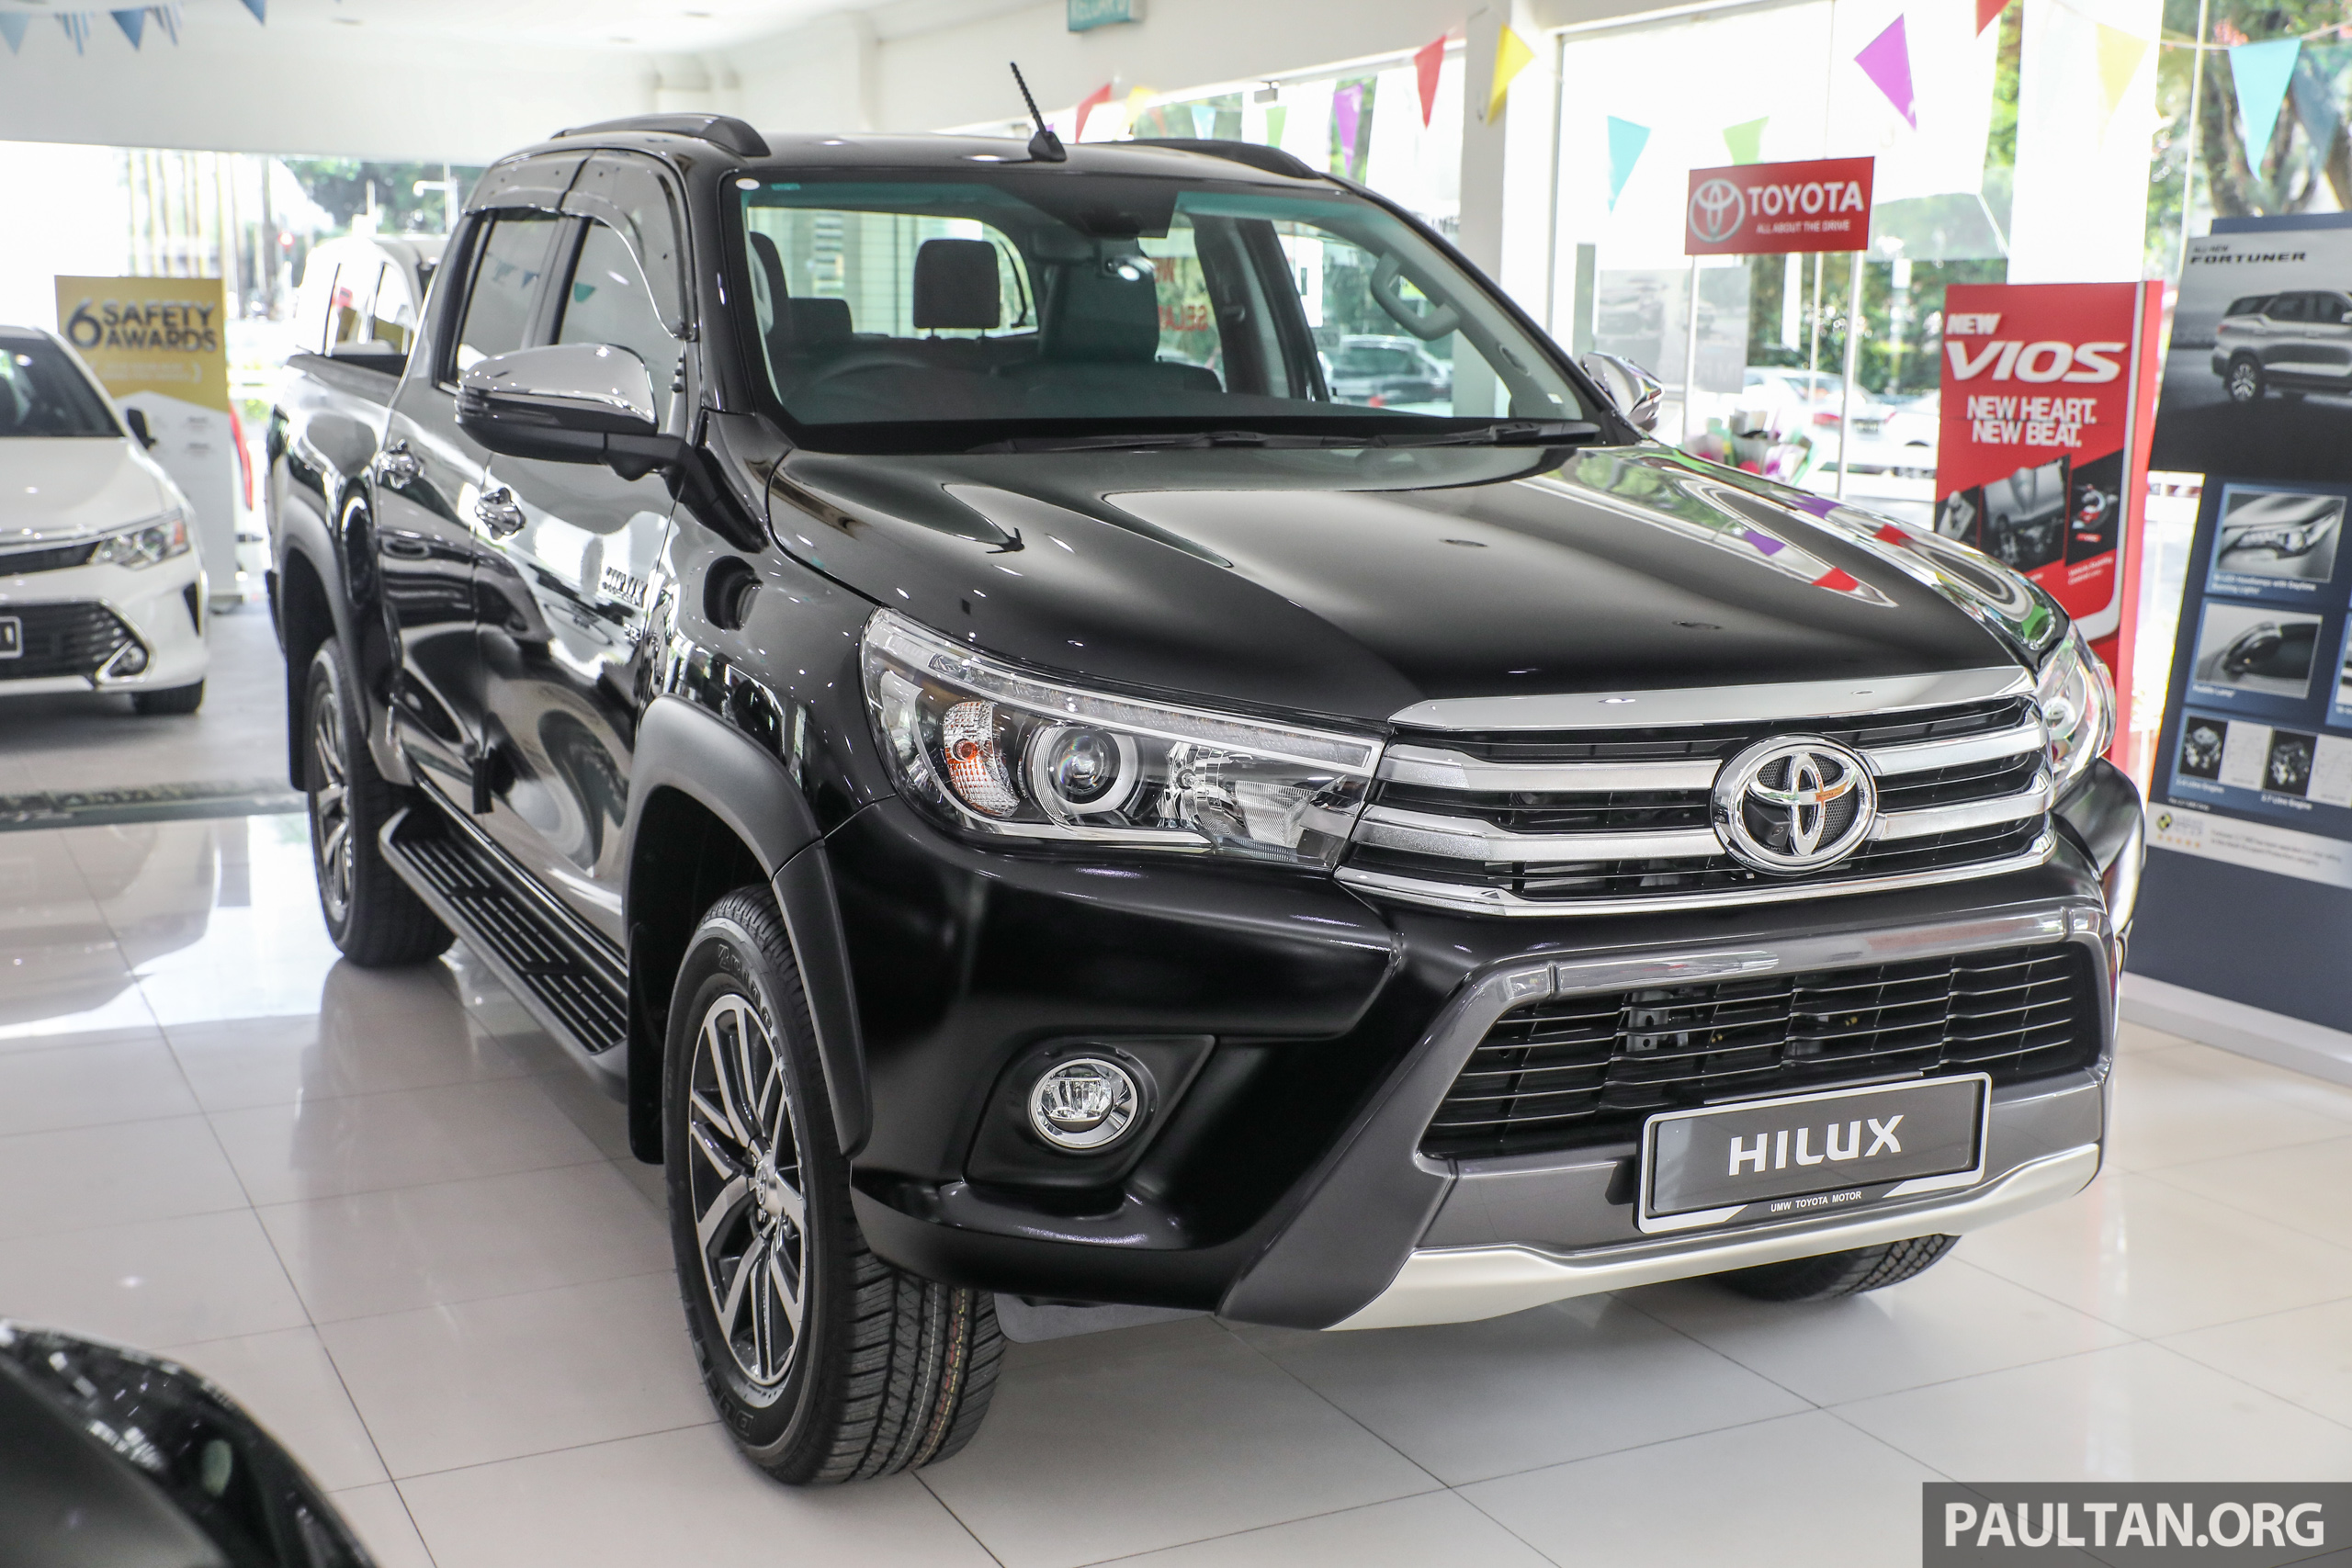 图集 Toyota Hilux 2 8g At 4x4 配备小升级 Rm 131k! Toyota Hilux